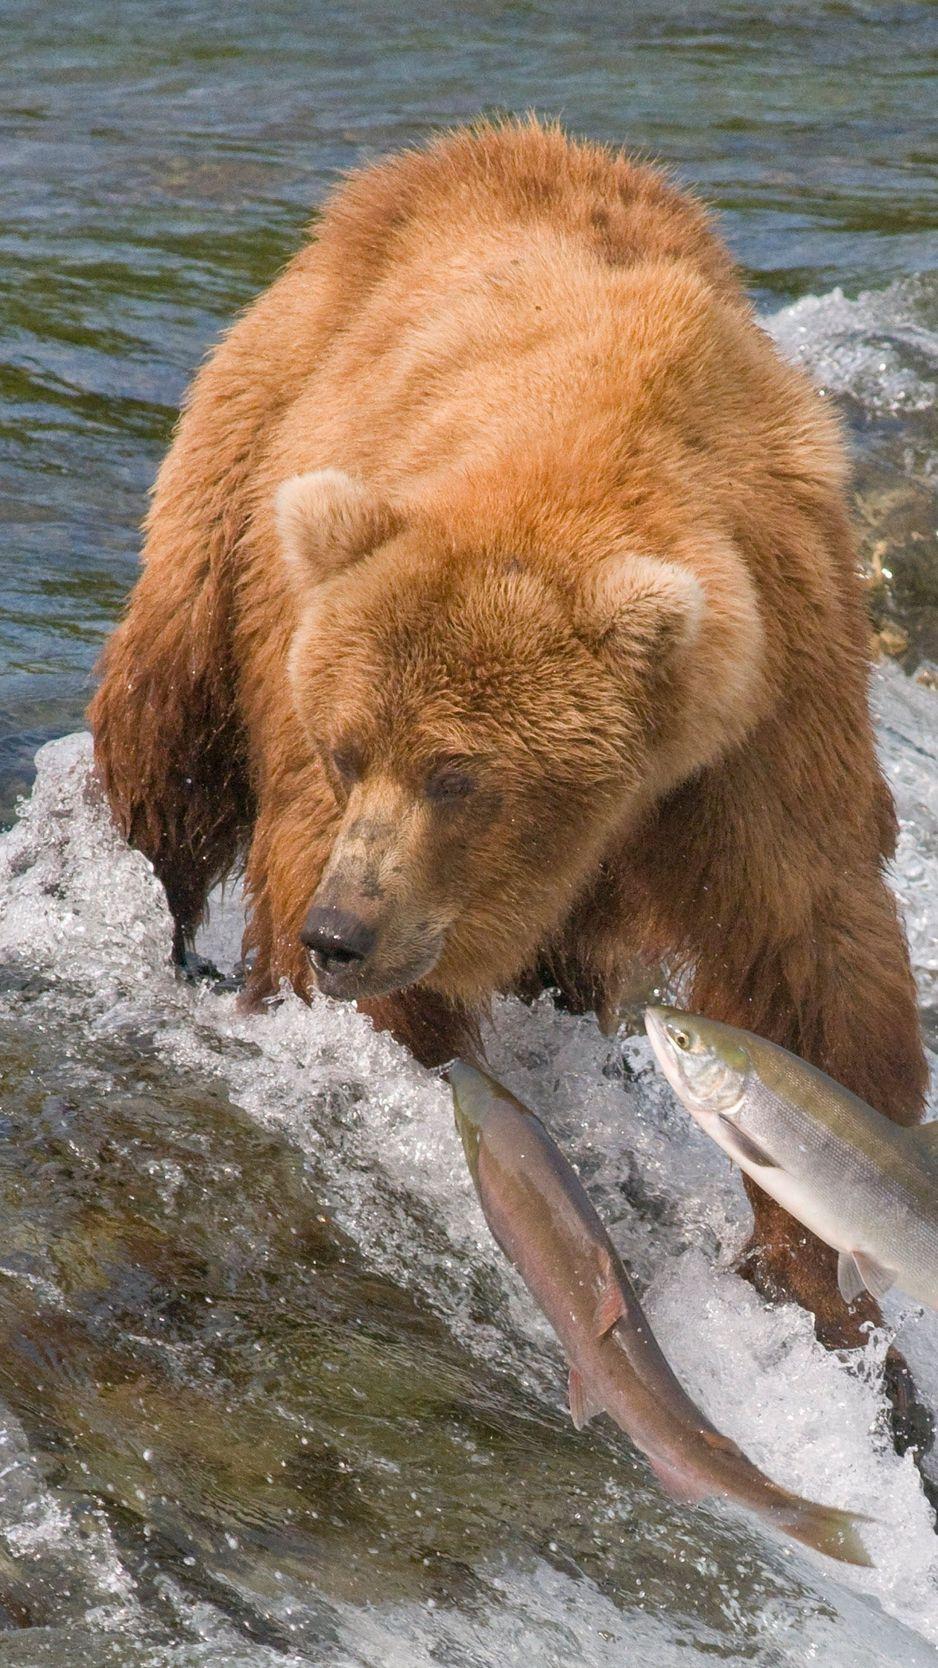 Wallpaper Fishing, Bear, Water, River, Fish - Bears Fishing , HD Wallpaper & Backgrounds